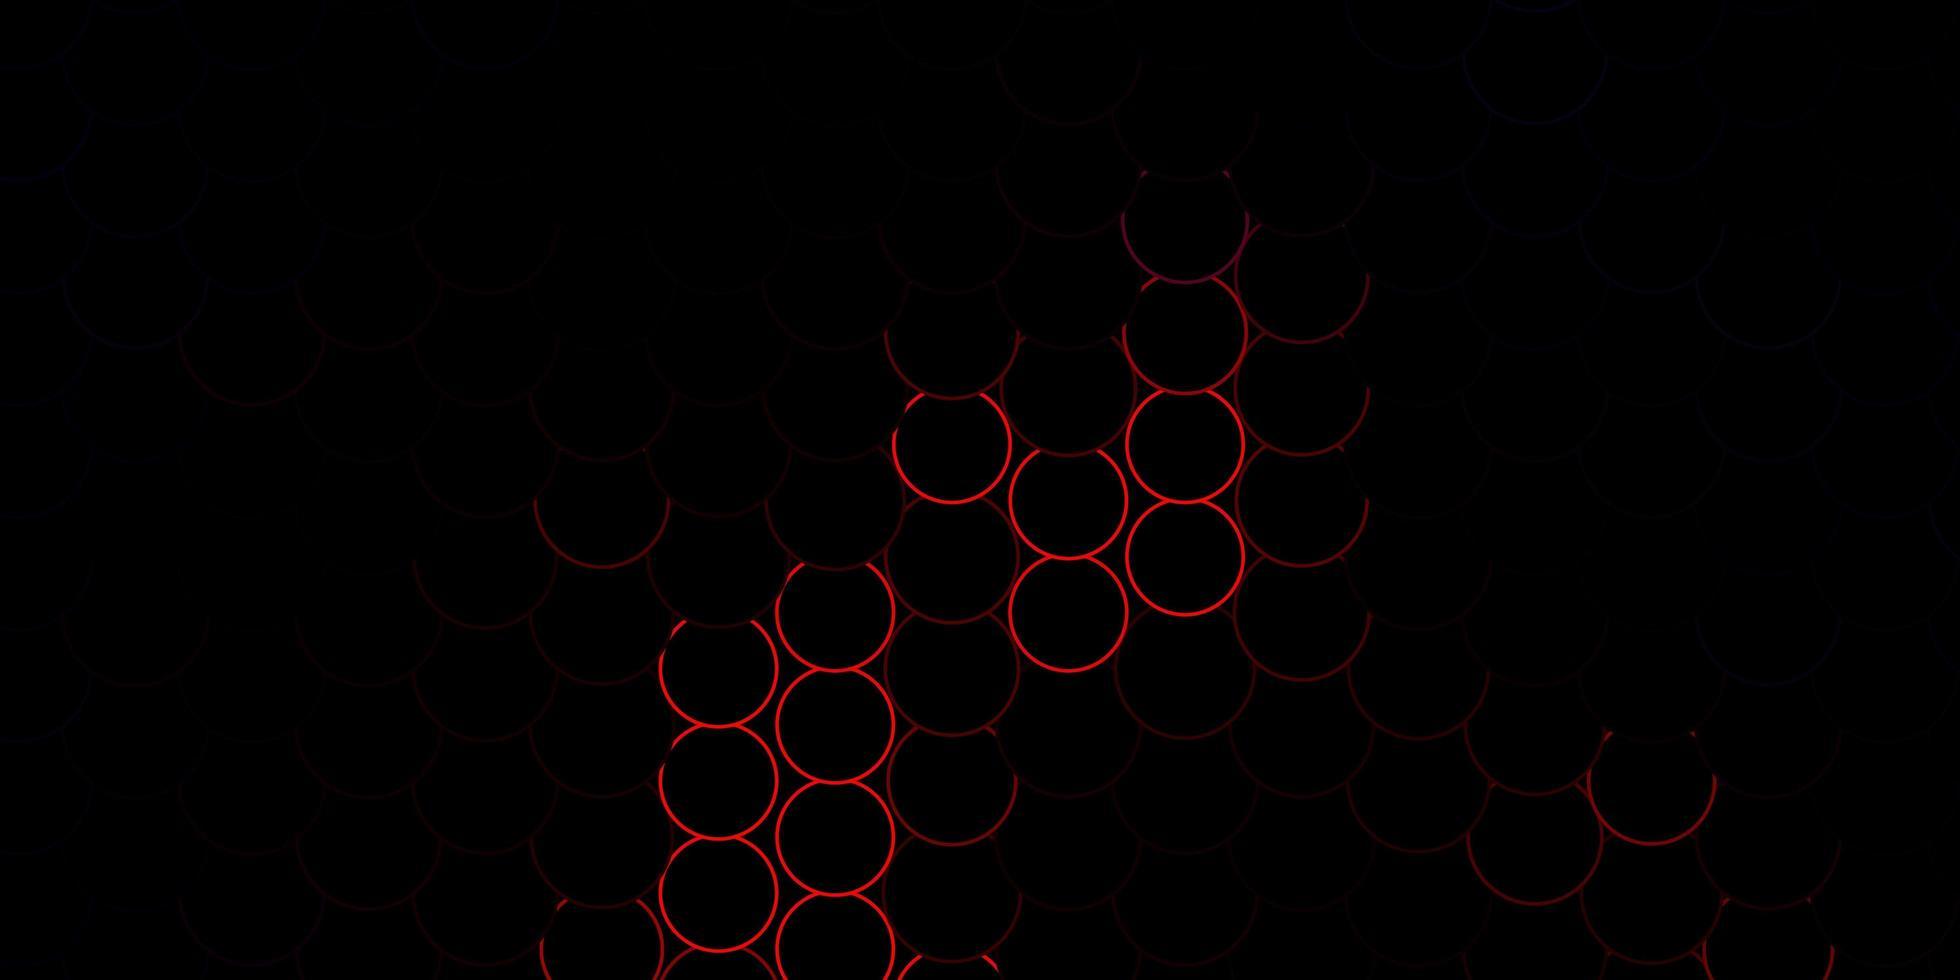 rot umrandete Scheiben auf dunkler Textur vektor